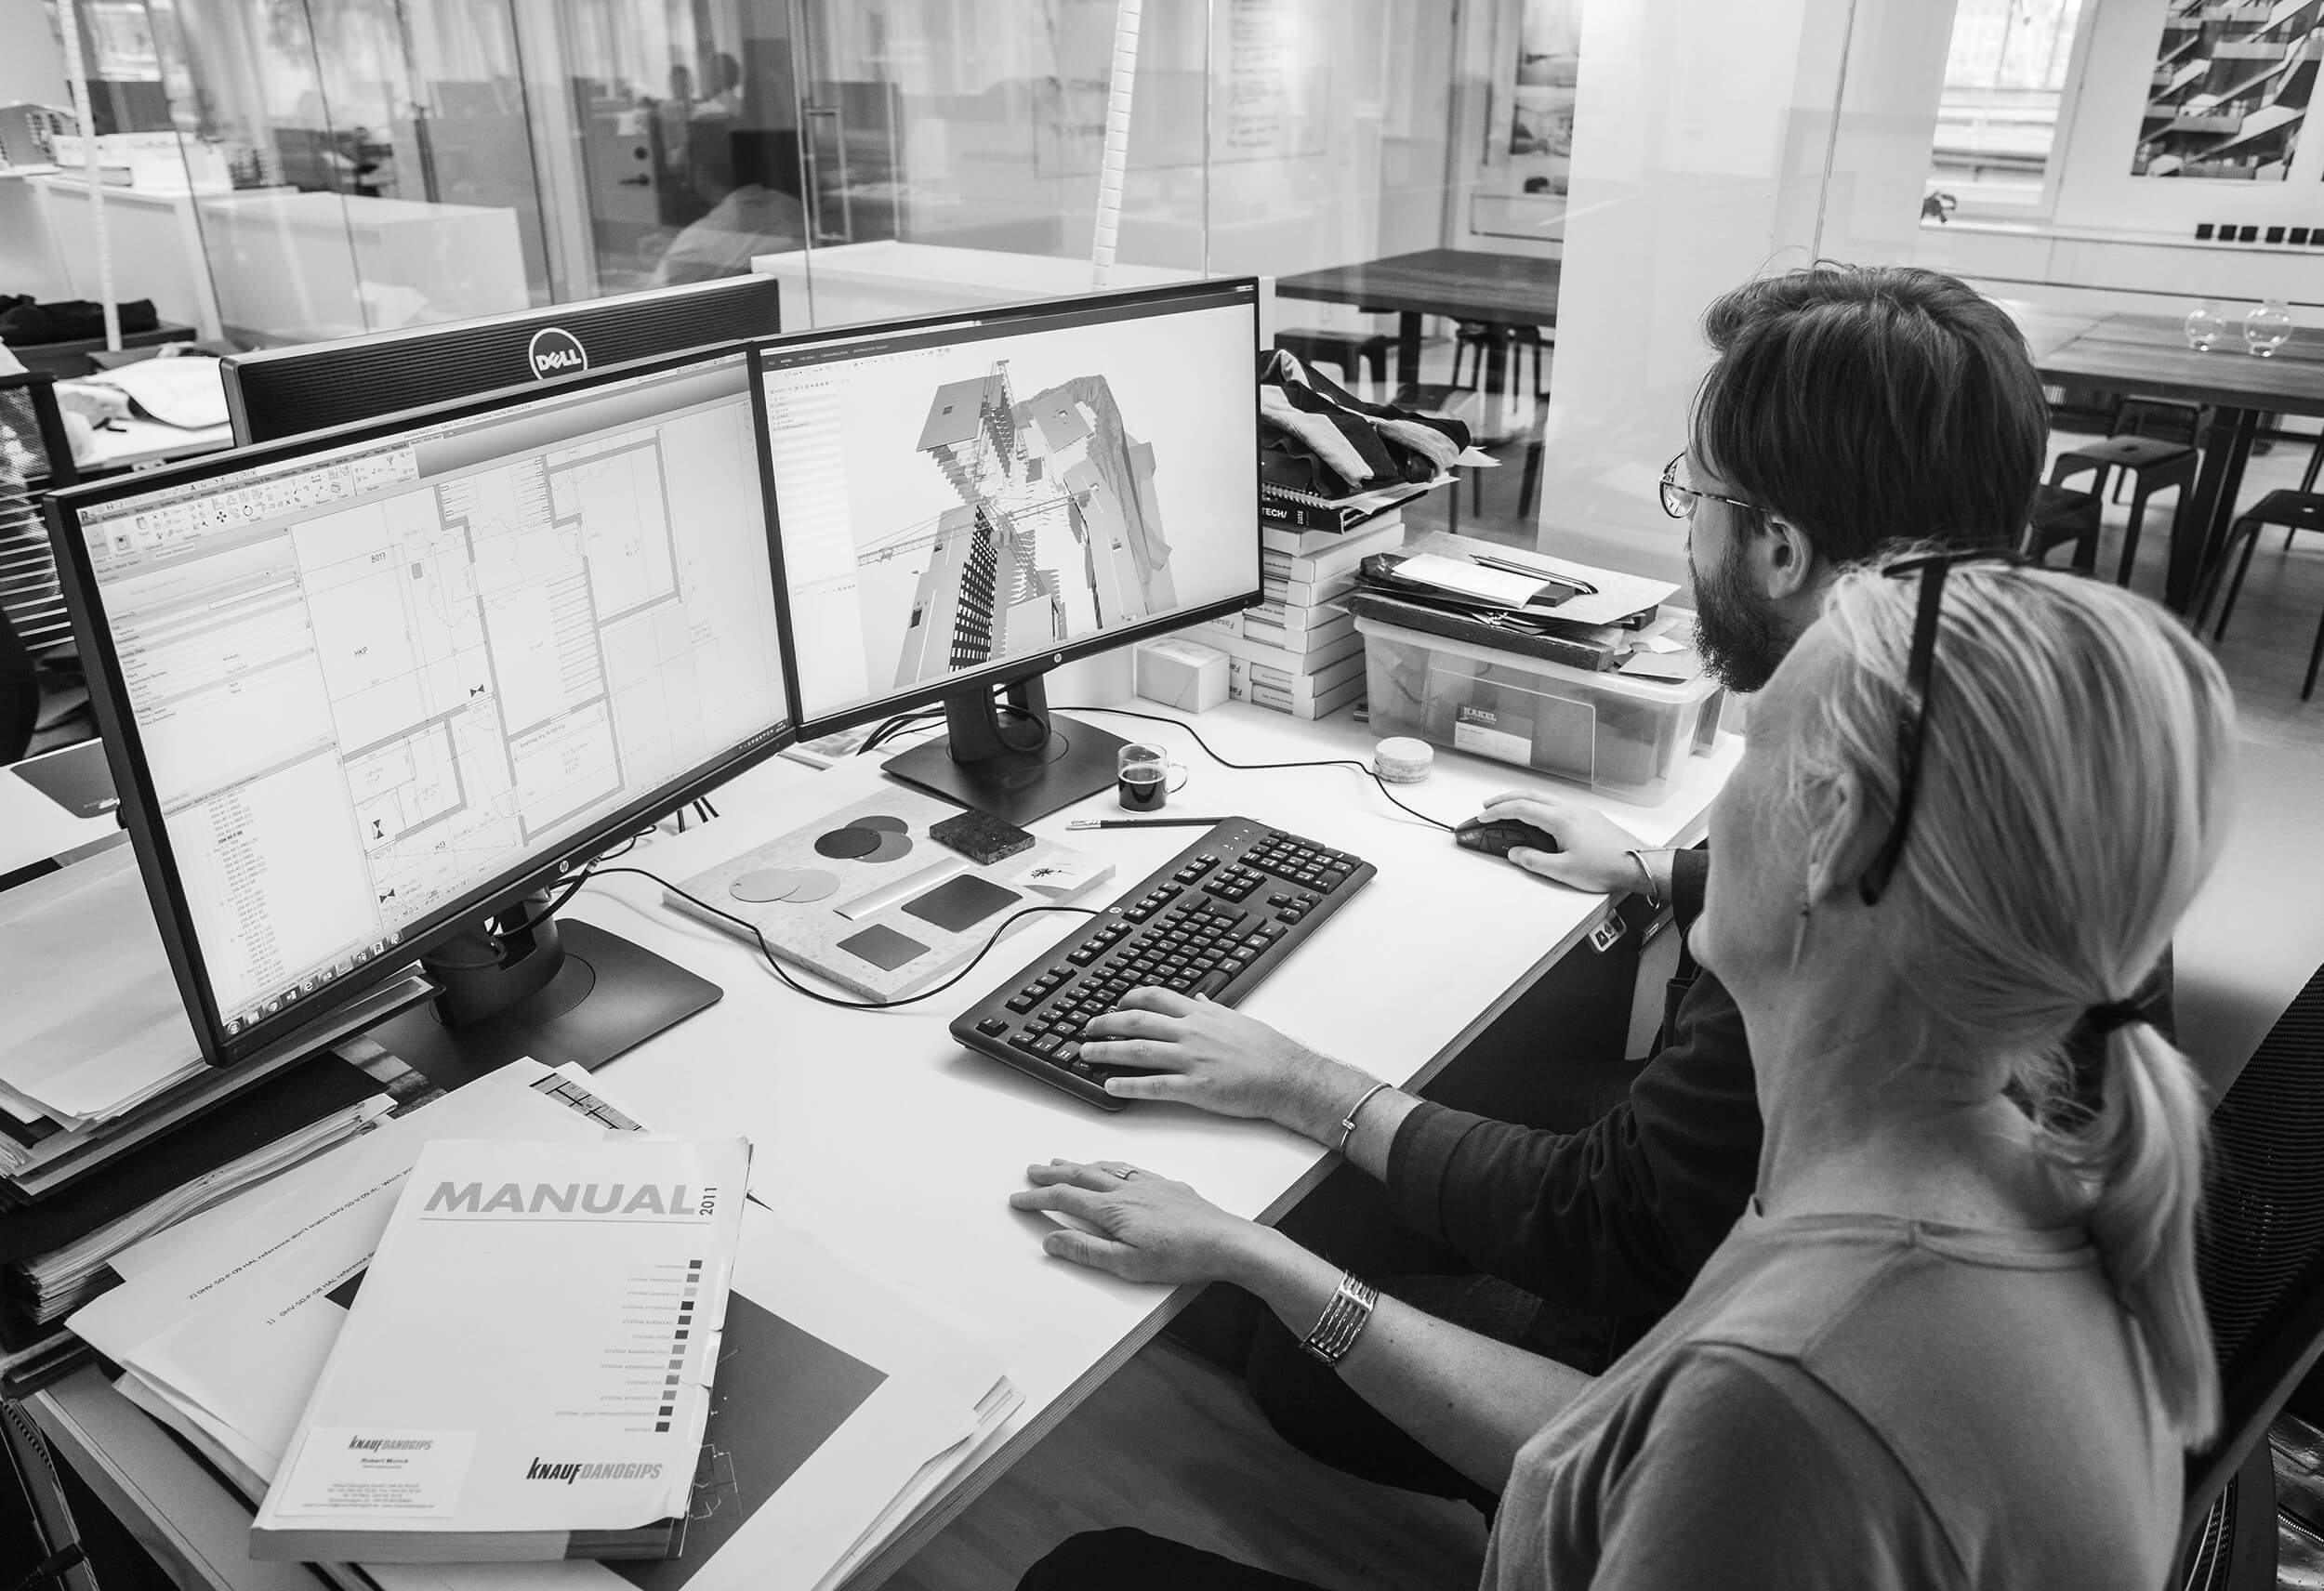 BIM i slutskedet.  Ansvarig arkitekt Johanna Pålstedt arbetar tillsammans med arkitekten Tobias Lidman på projekt Baltic i Annedal.